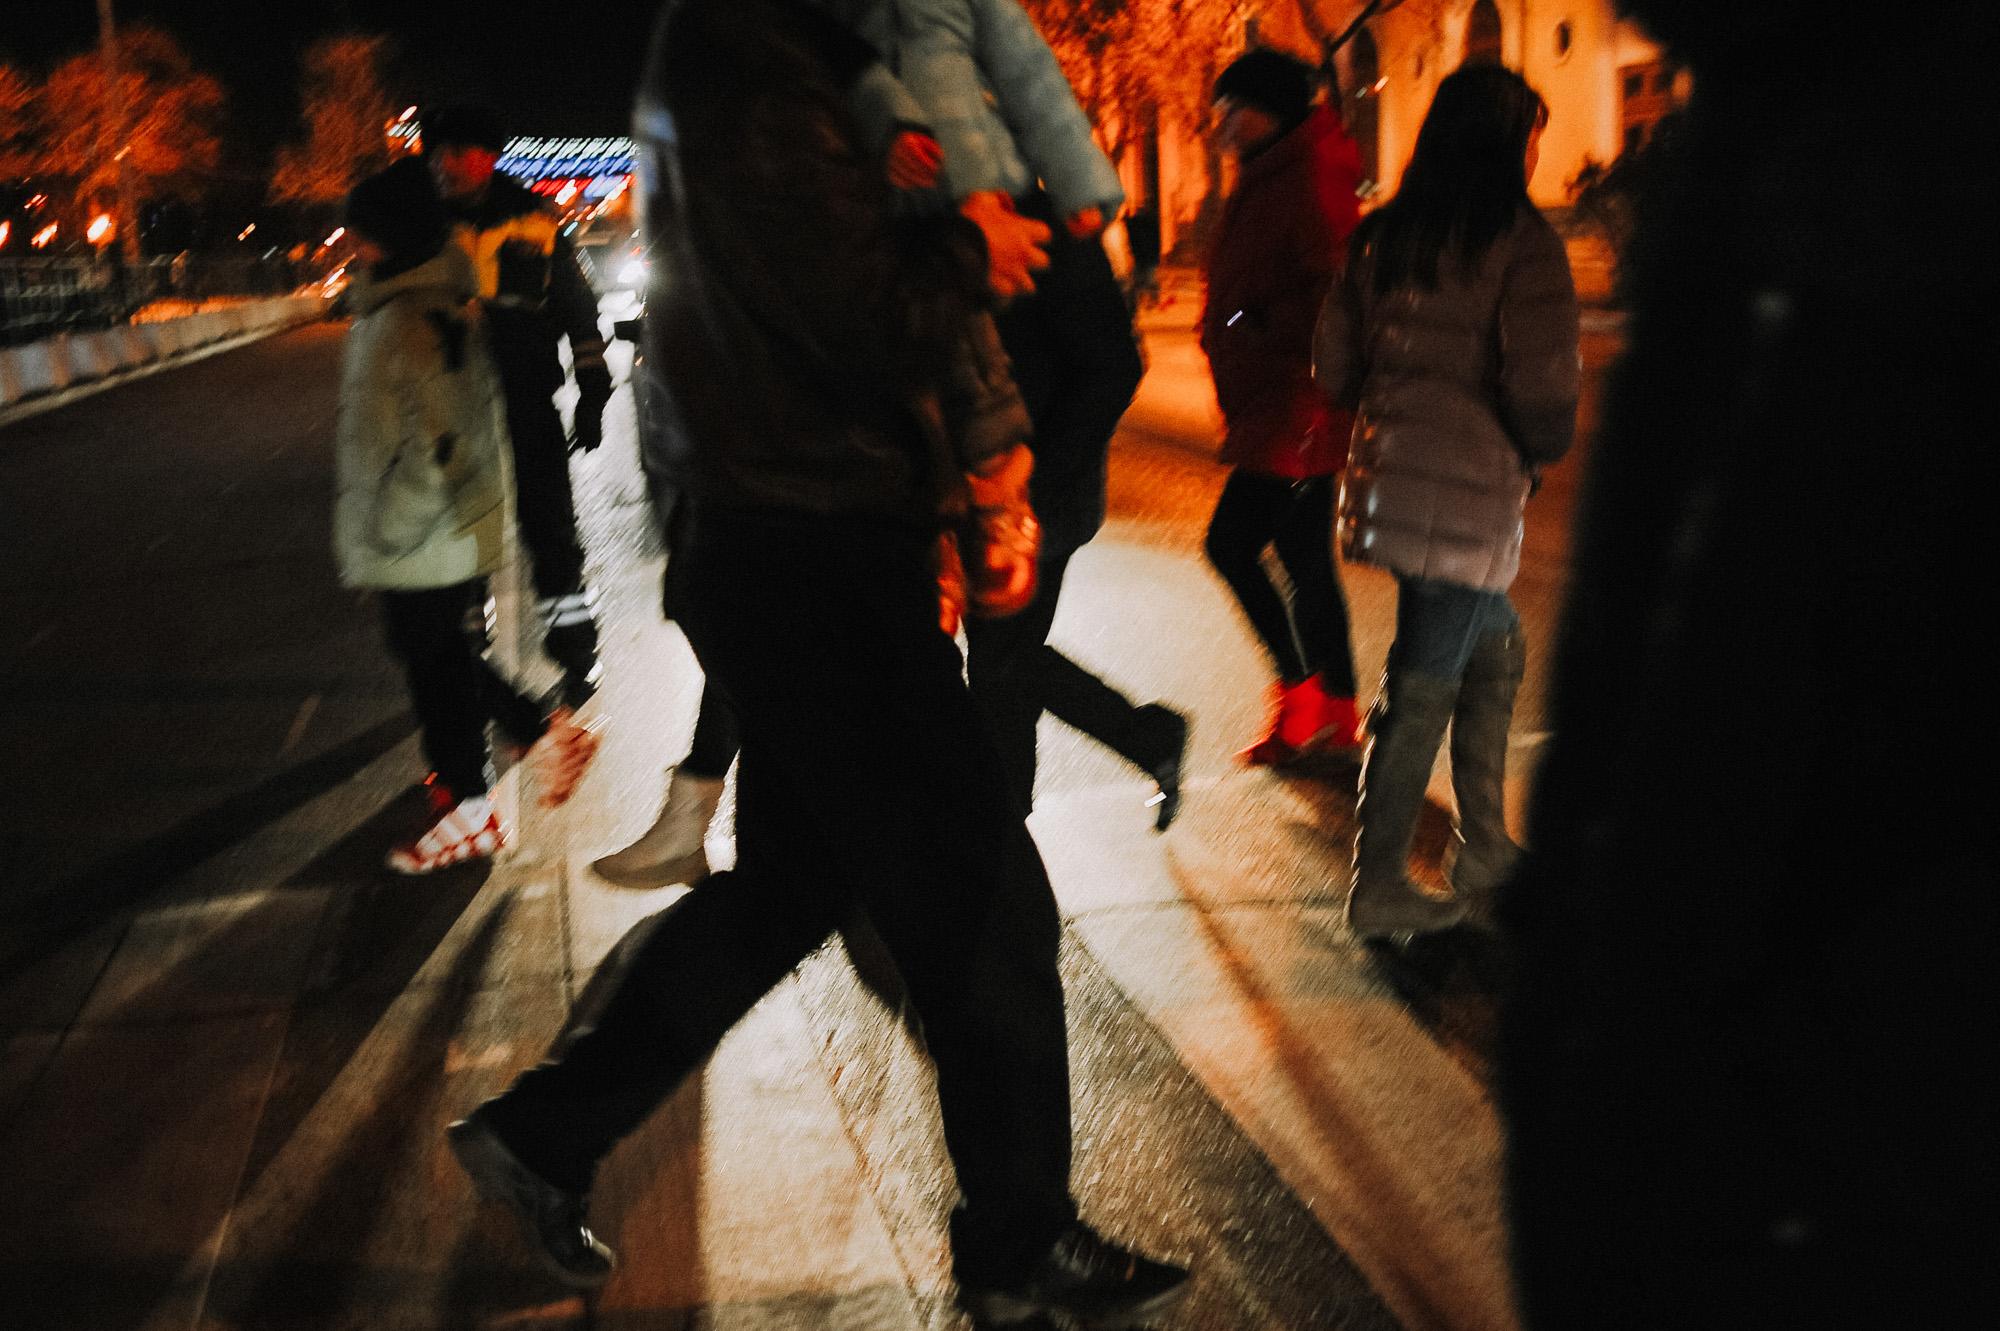 ZZZ 6831 В Астрахани на площади Ленина зажгли новогоднюю елку: кадры торжества